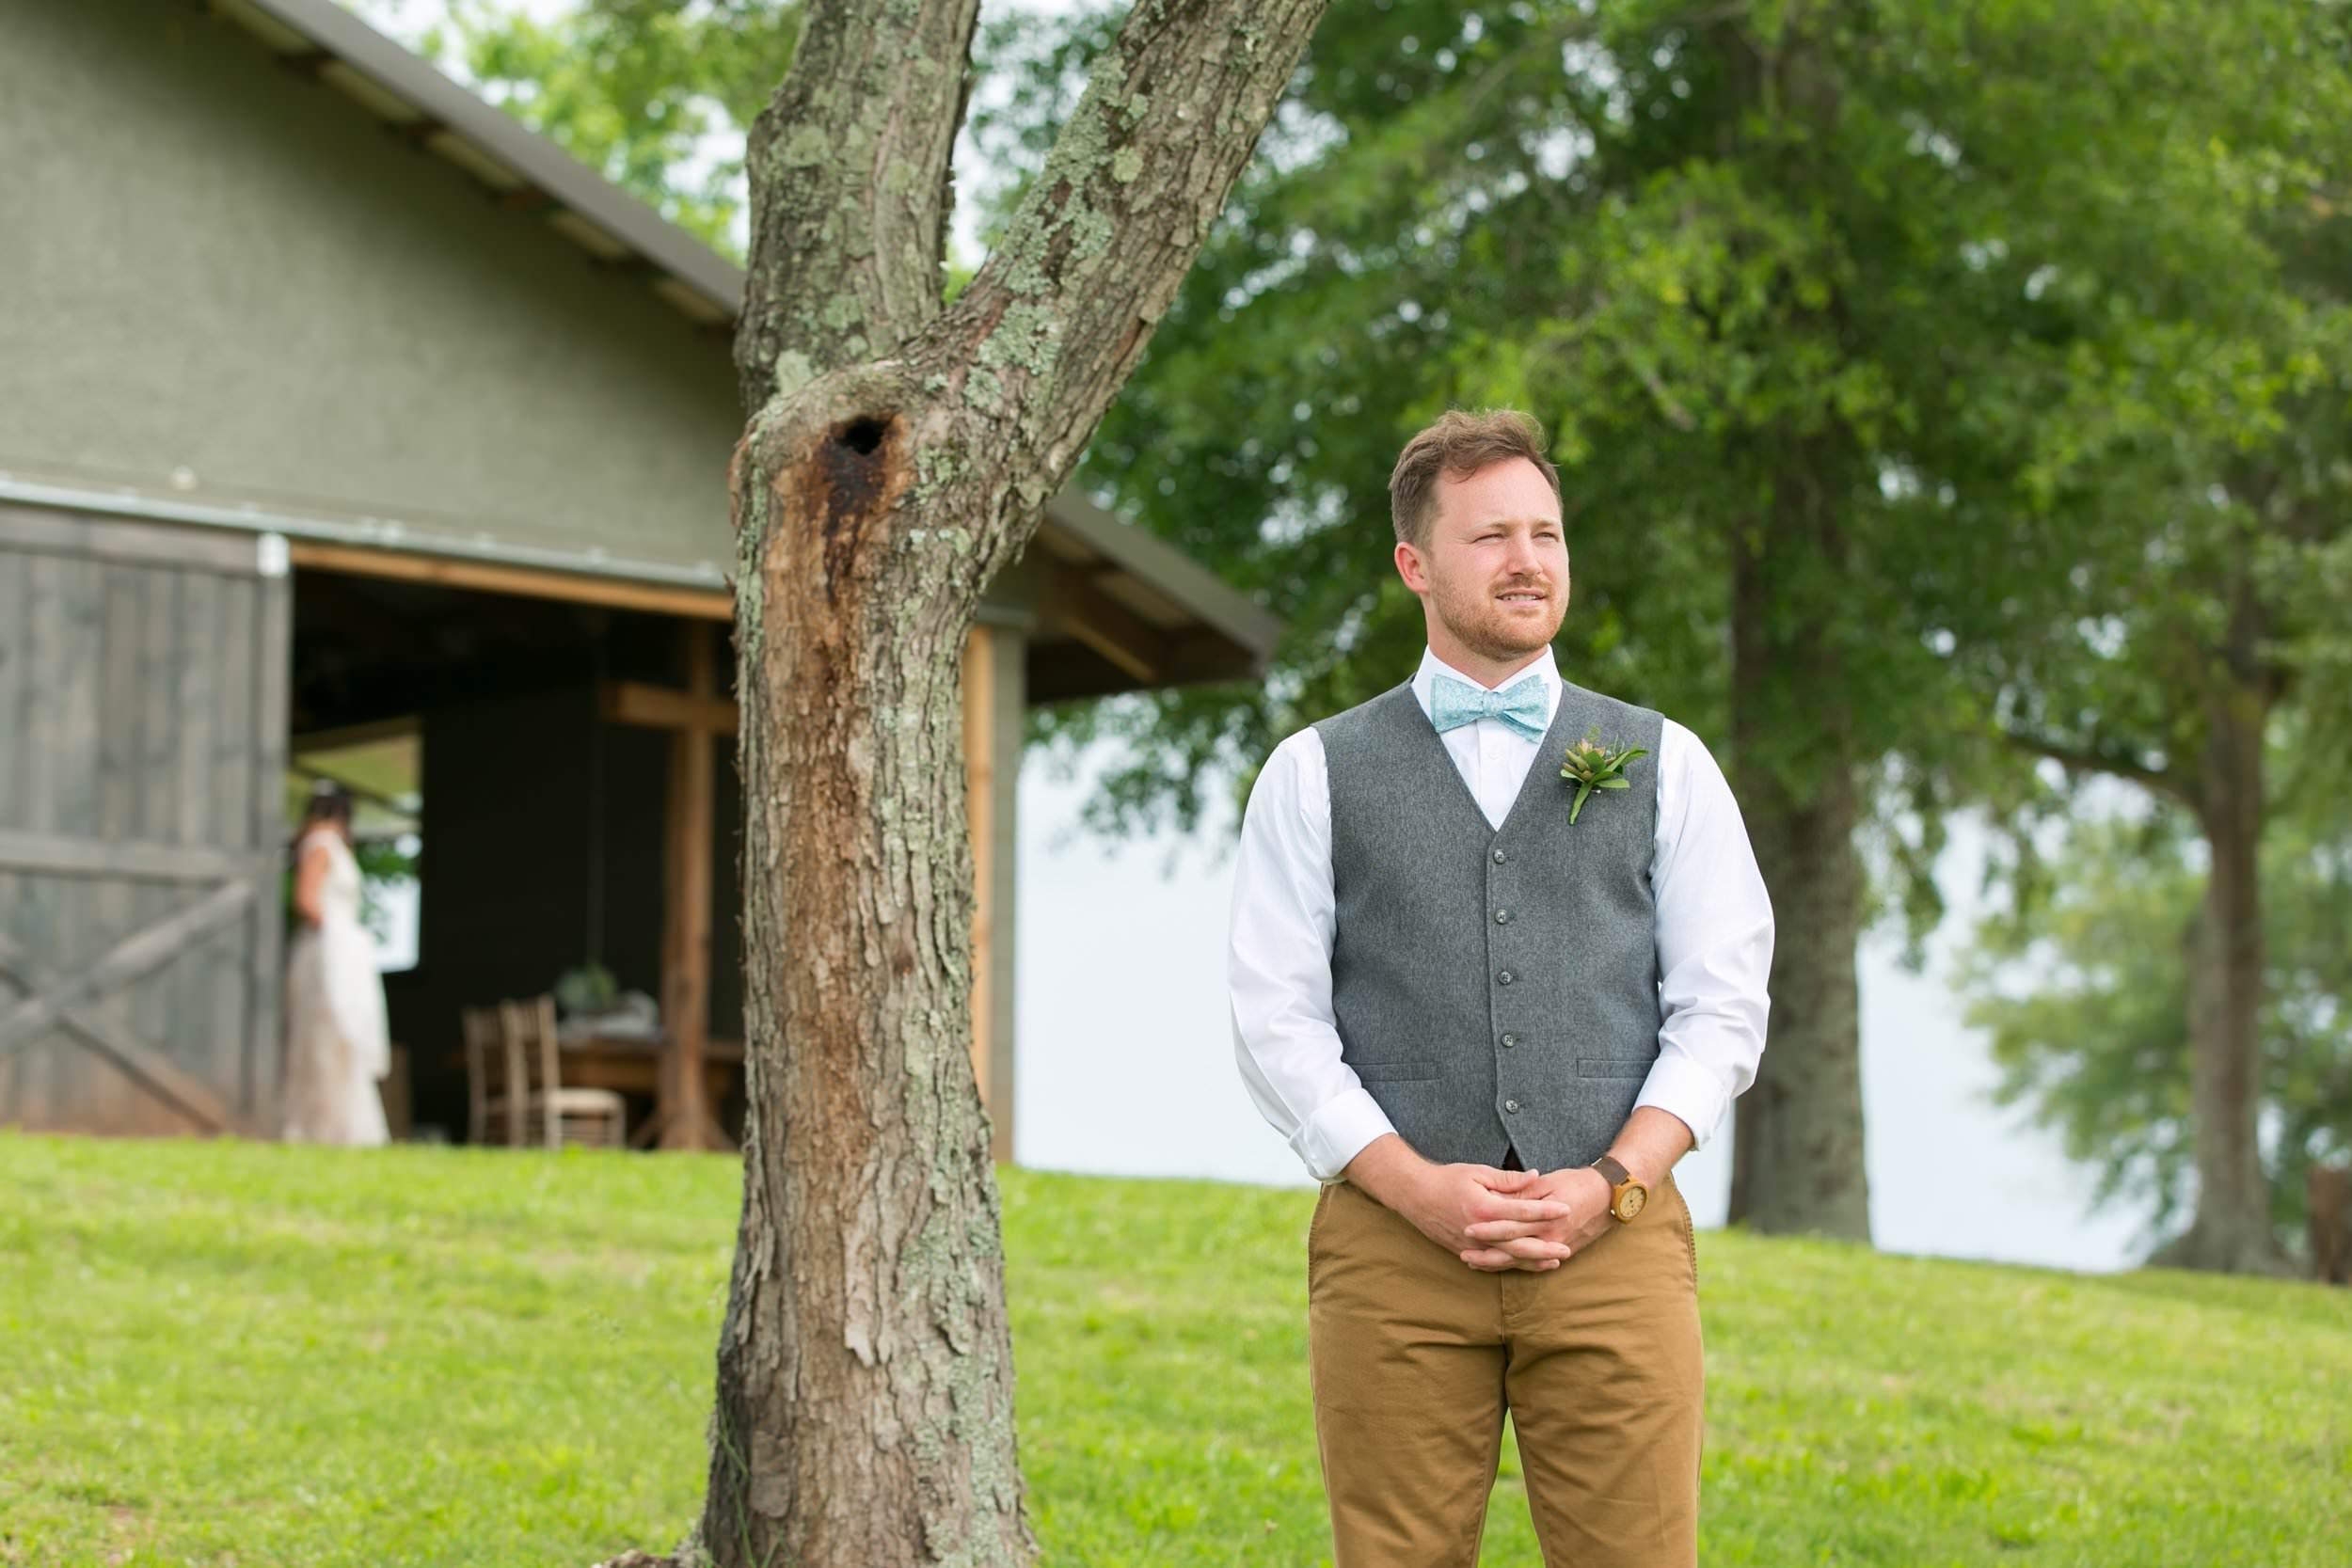 Abby-Manor-Events-Wedding-Photos12.jpg